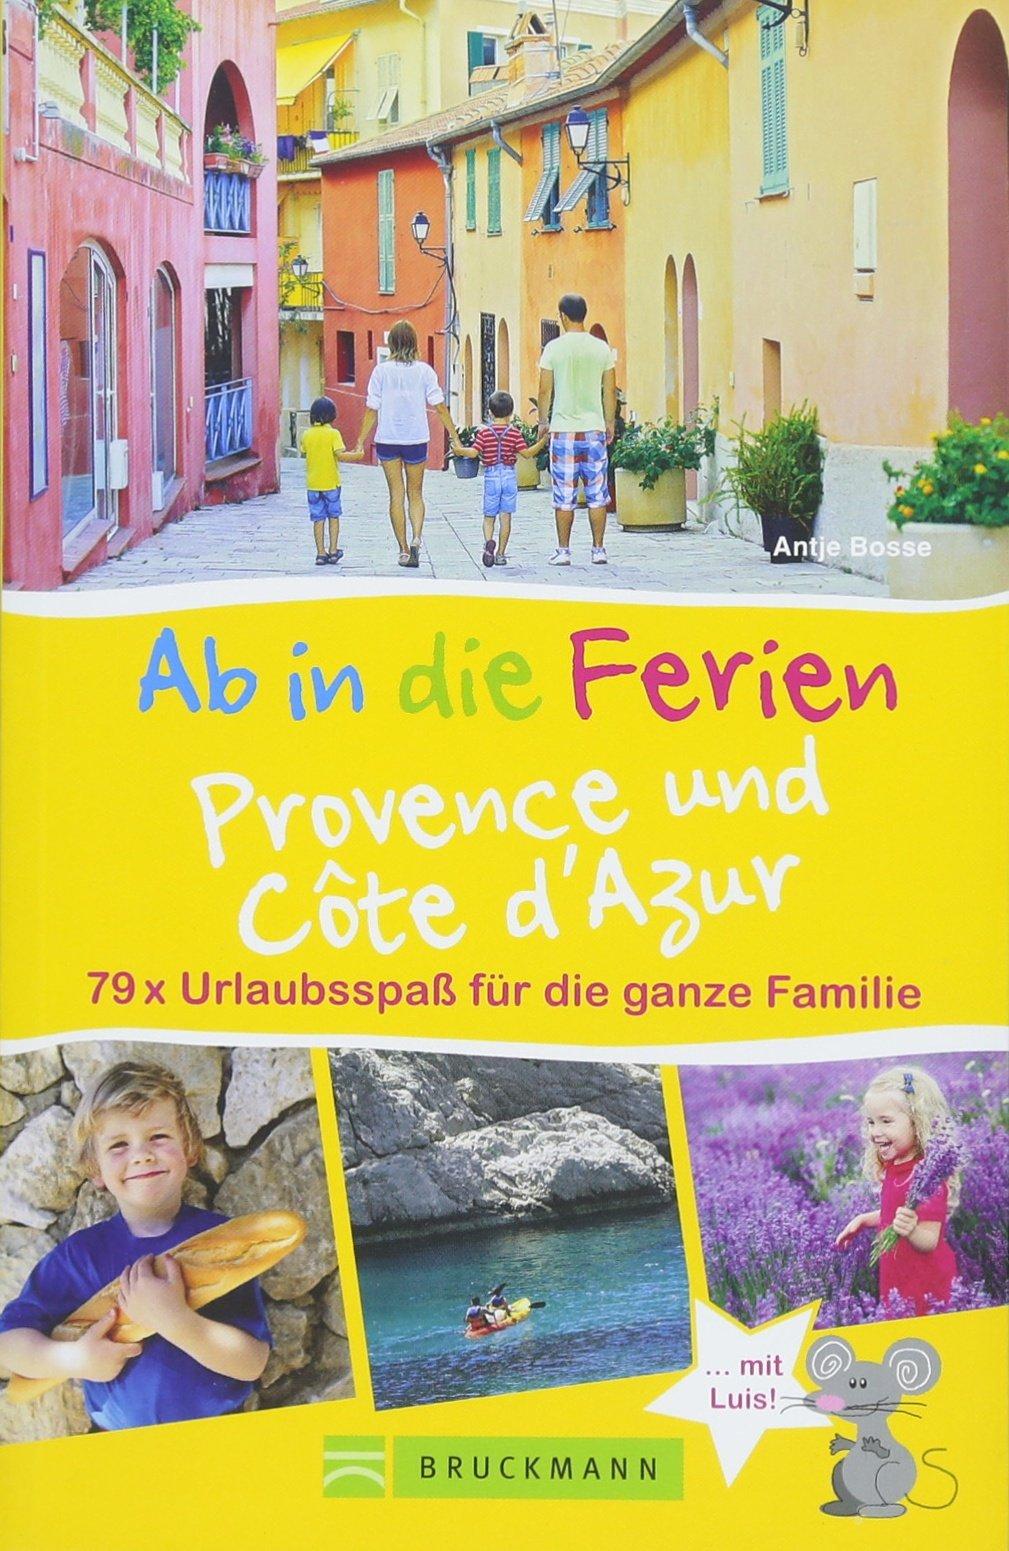 Bruckmann Reiseführer: Ab in die Ferien Provence und Côte d'Azur. 79x Urlaubsspaß für die ganze Familie. Ein Familienreiseführer mit Insidertipps für den perfekten Urlaub mit Kindern. NEU 2018